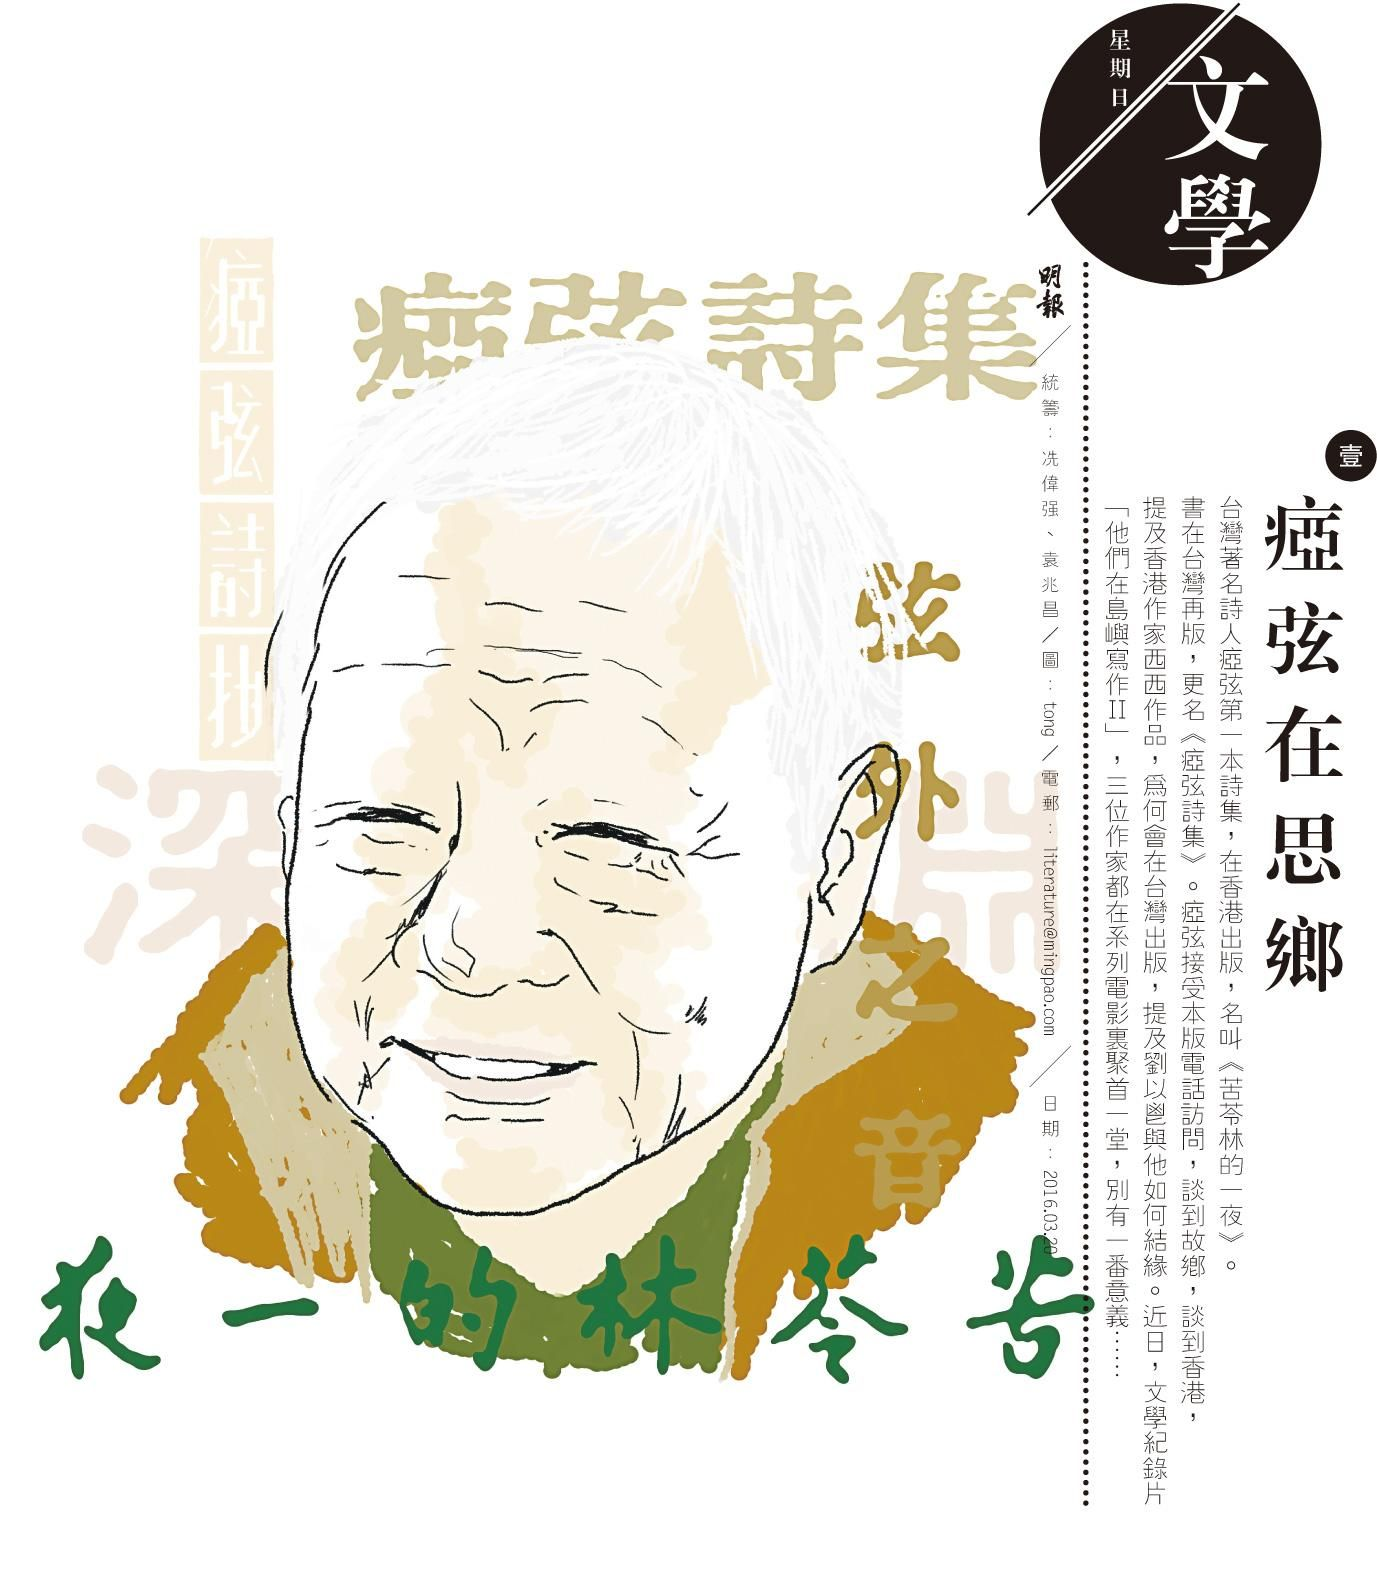 星期日文學.瘂弦:我仍在寫故鄉 - 20160320 - 副刊 - 每日明報 - 明報新聞網